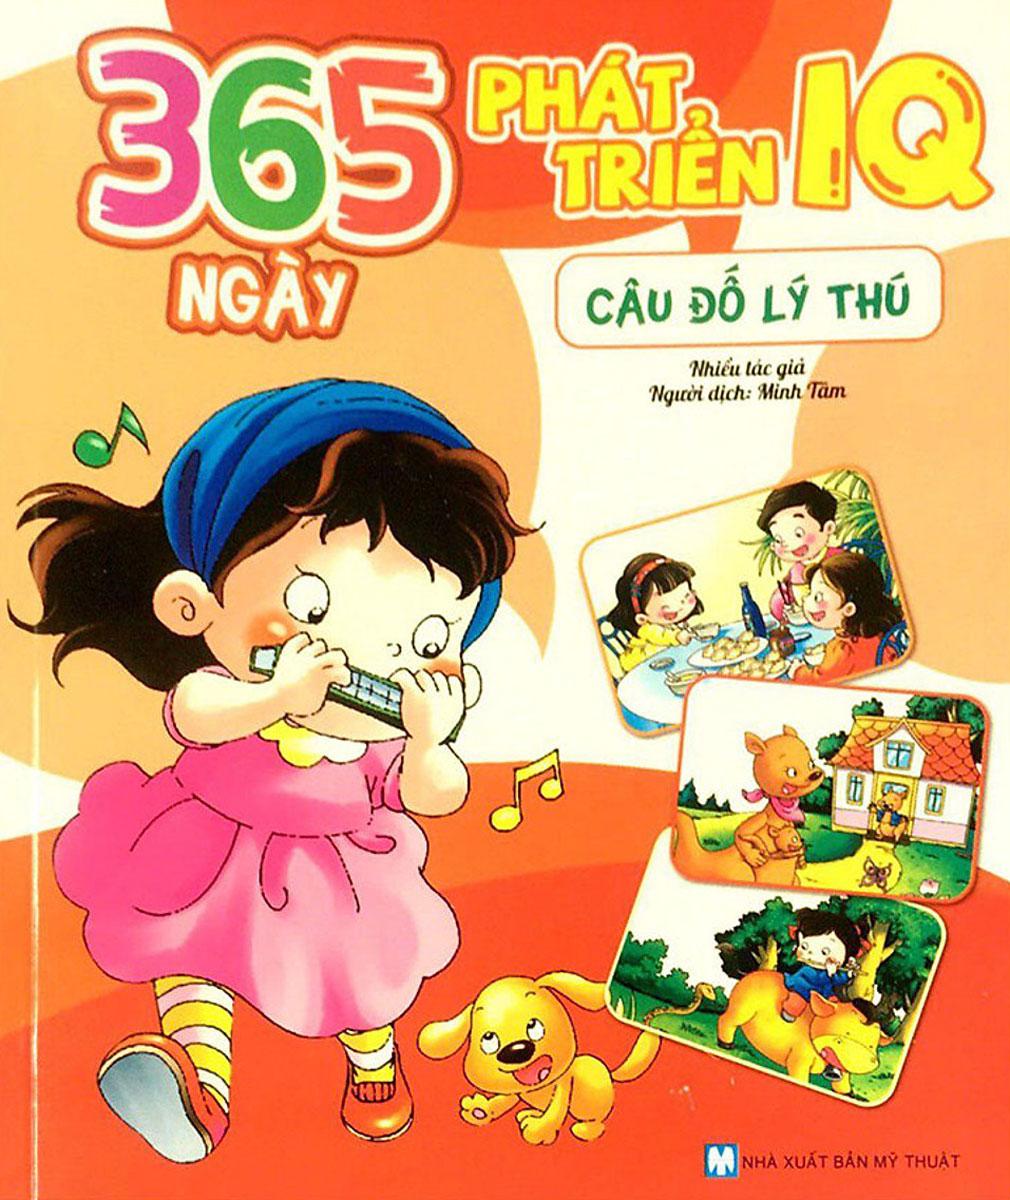 365 Ngày Phát Triển IQ - Câu Đố Lý Thú